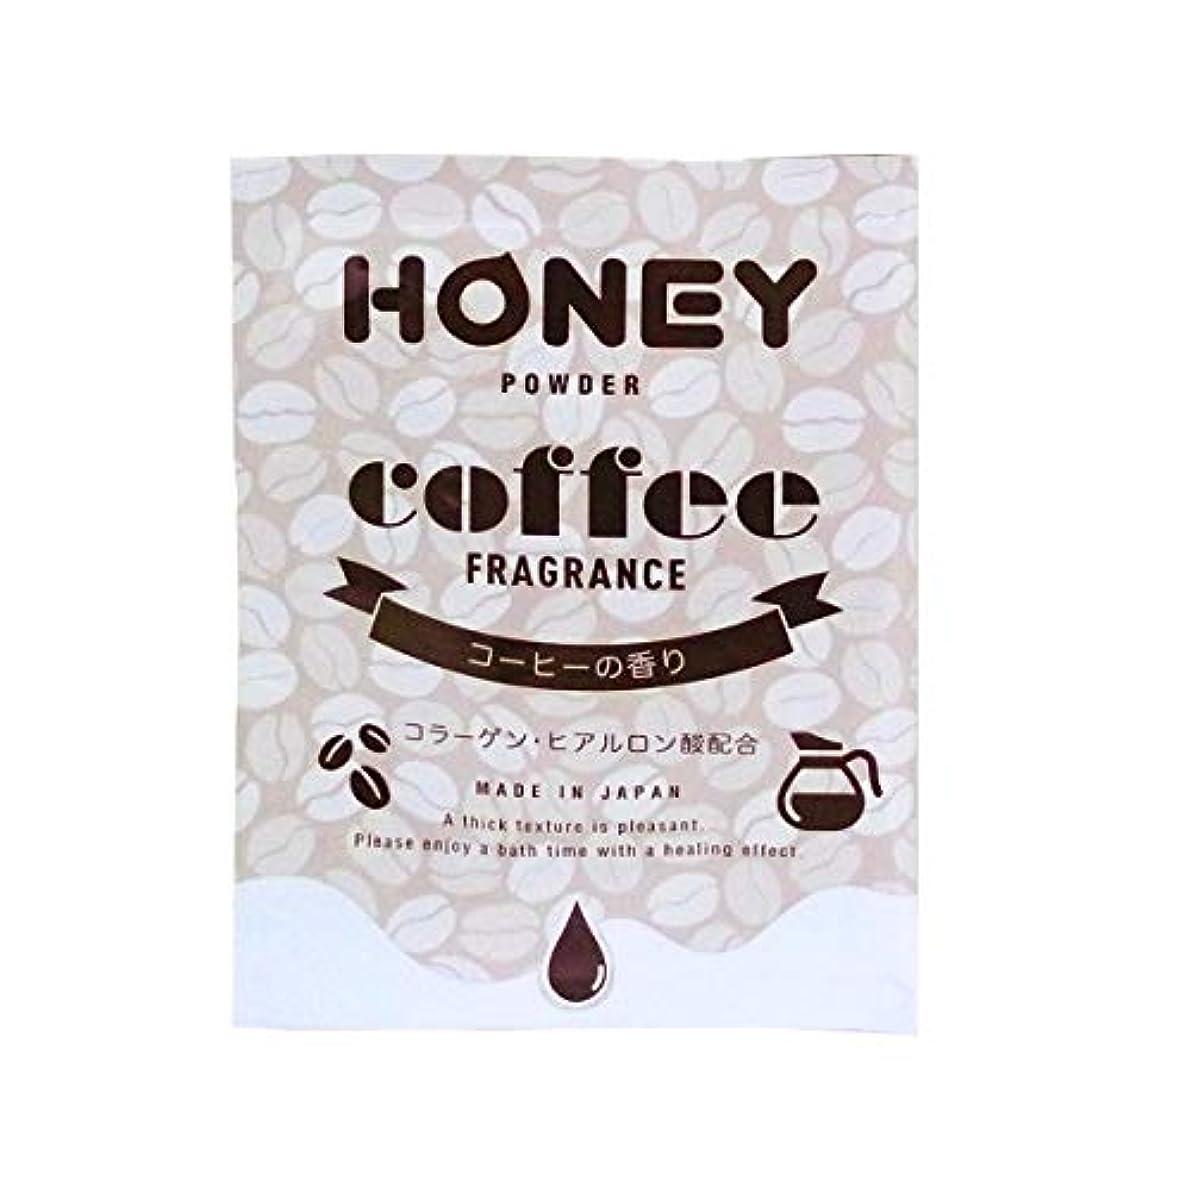 修理工出血感性とろとろ入浴剤【honey powder】(ハニーパウダー) コーヒーの香り 粉末タイプ ローション